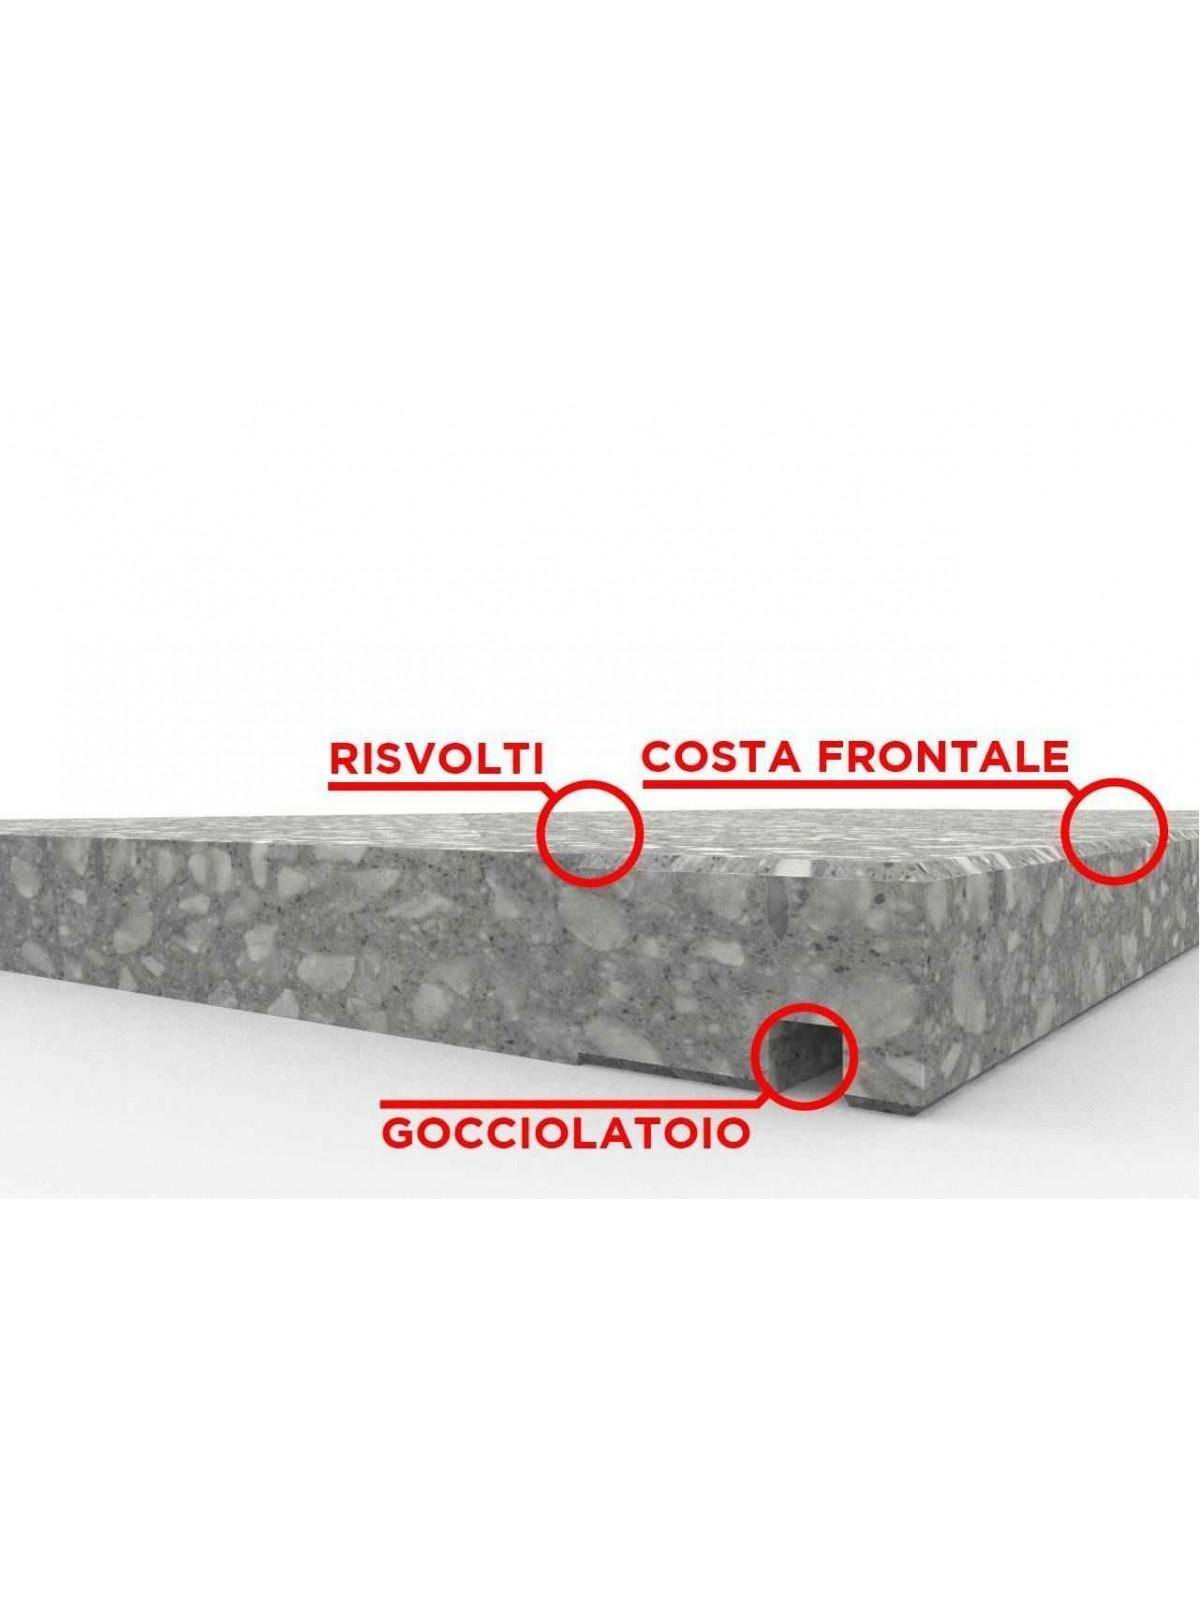 Abdeckung auf Terrasse SB 240 Torcello